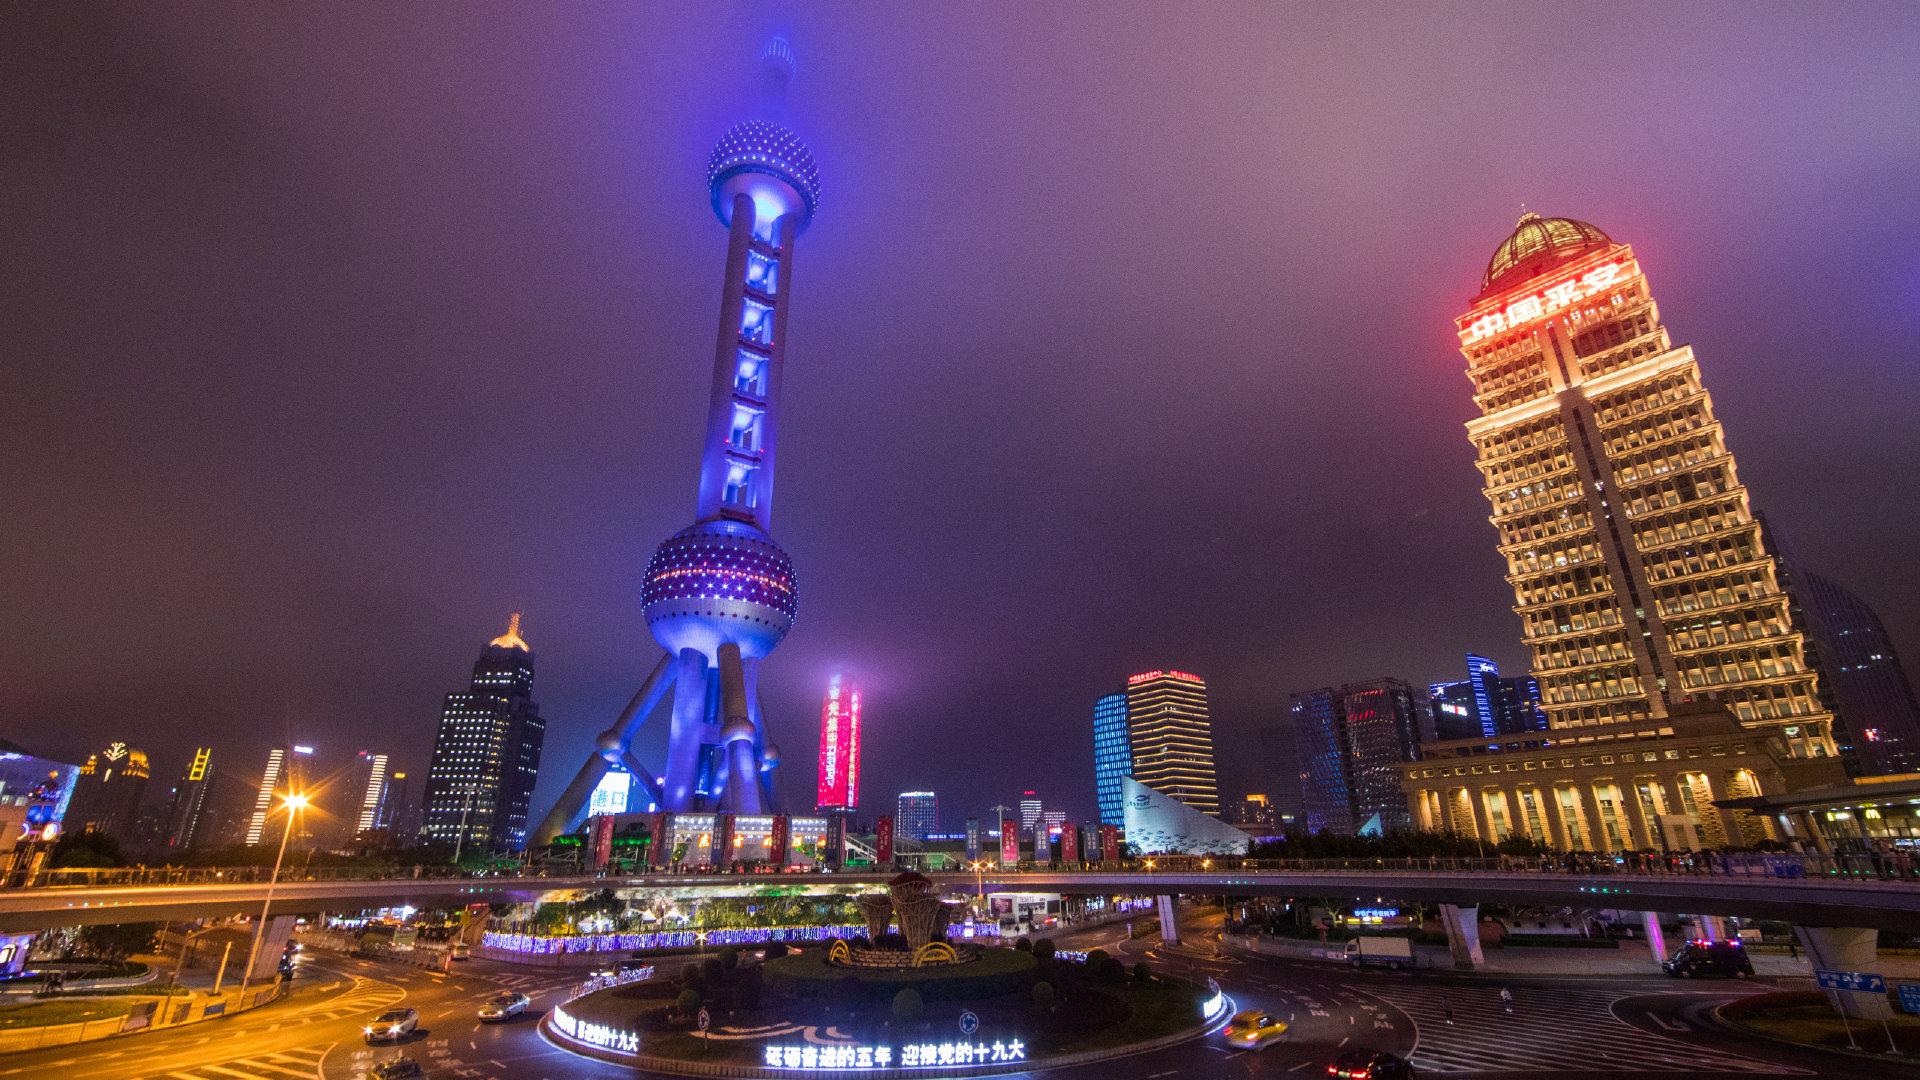 上海夜景高清图片大全